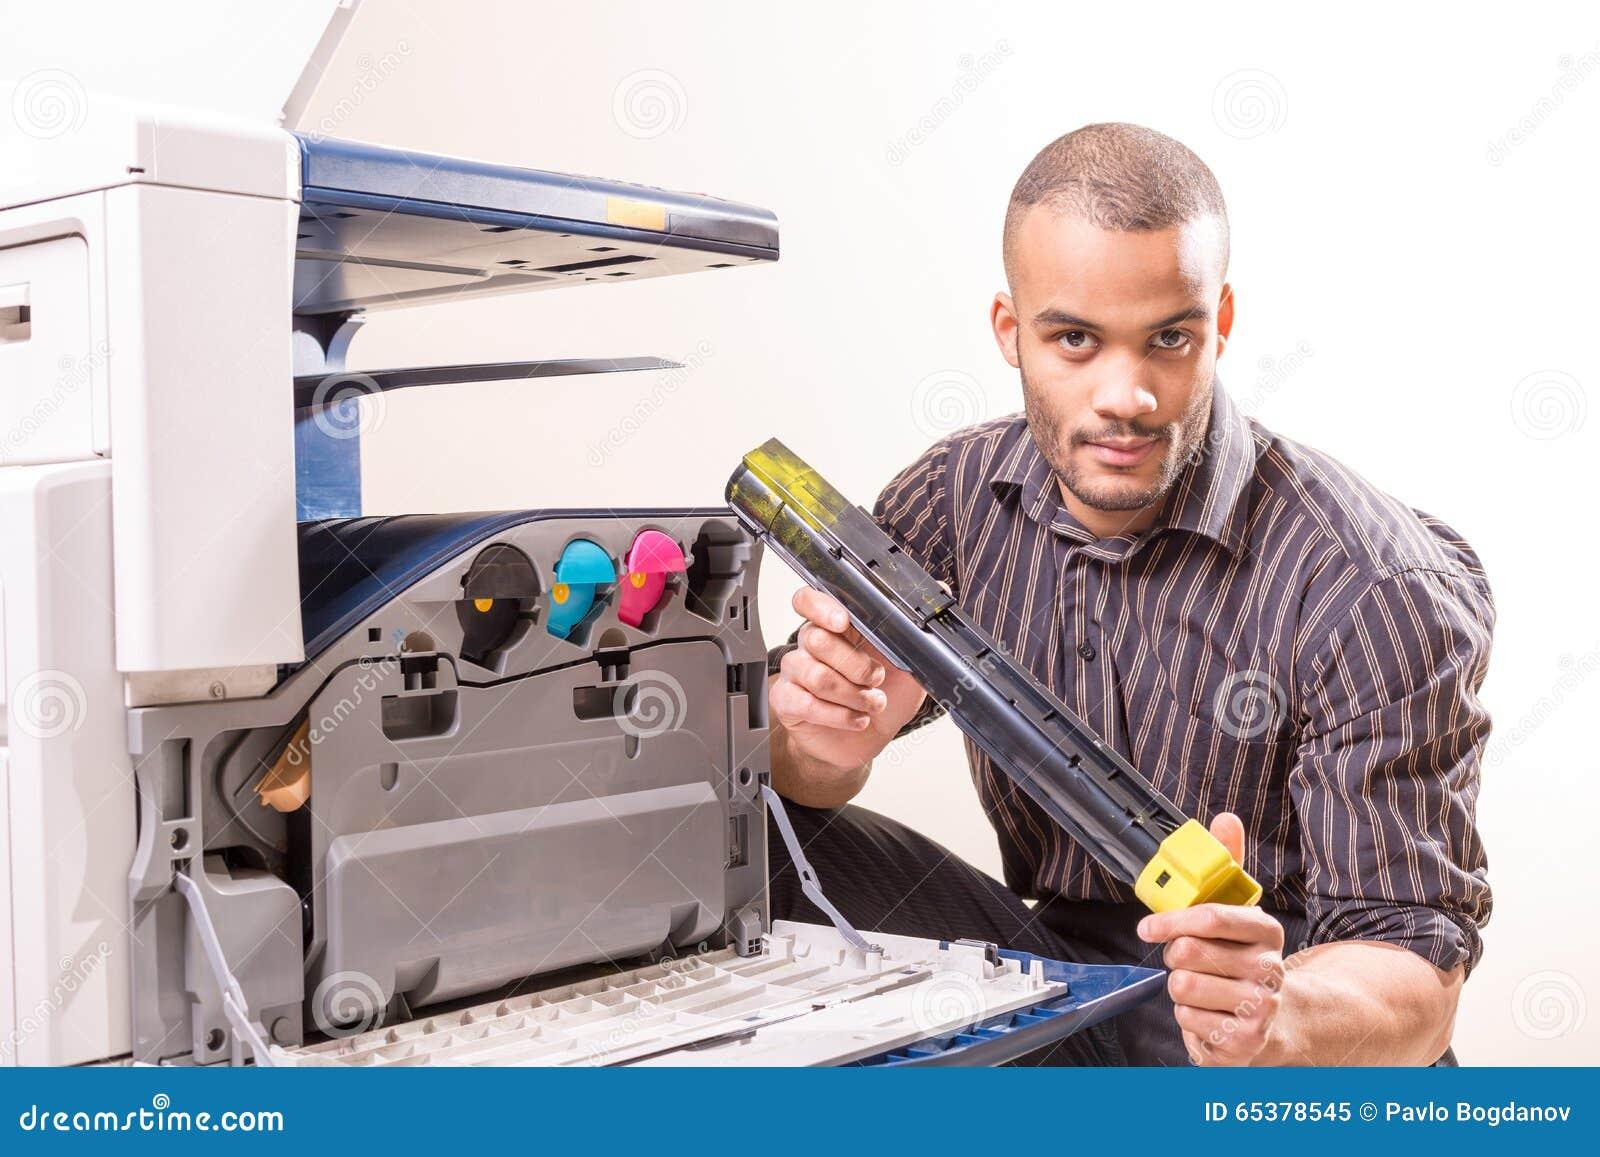 man repairing color printer changing toner cartridge stock